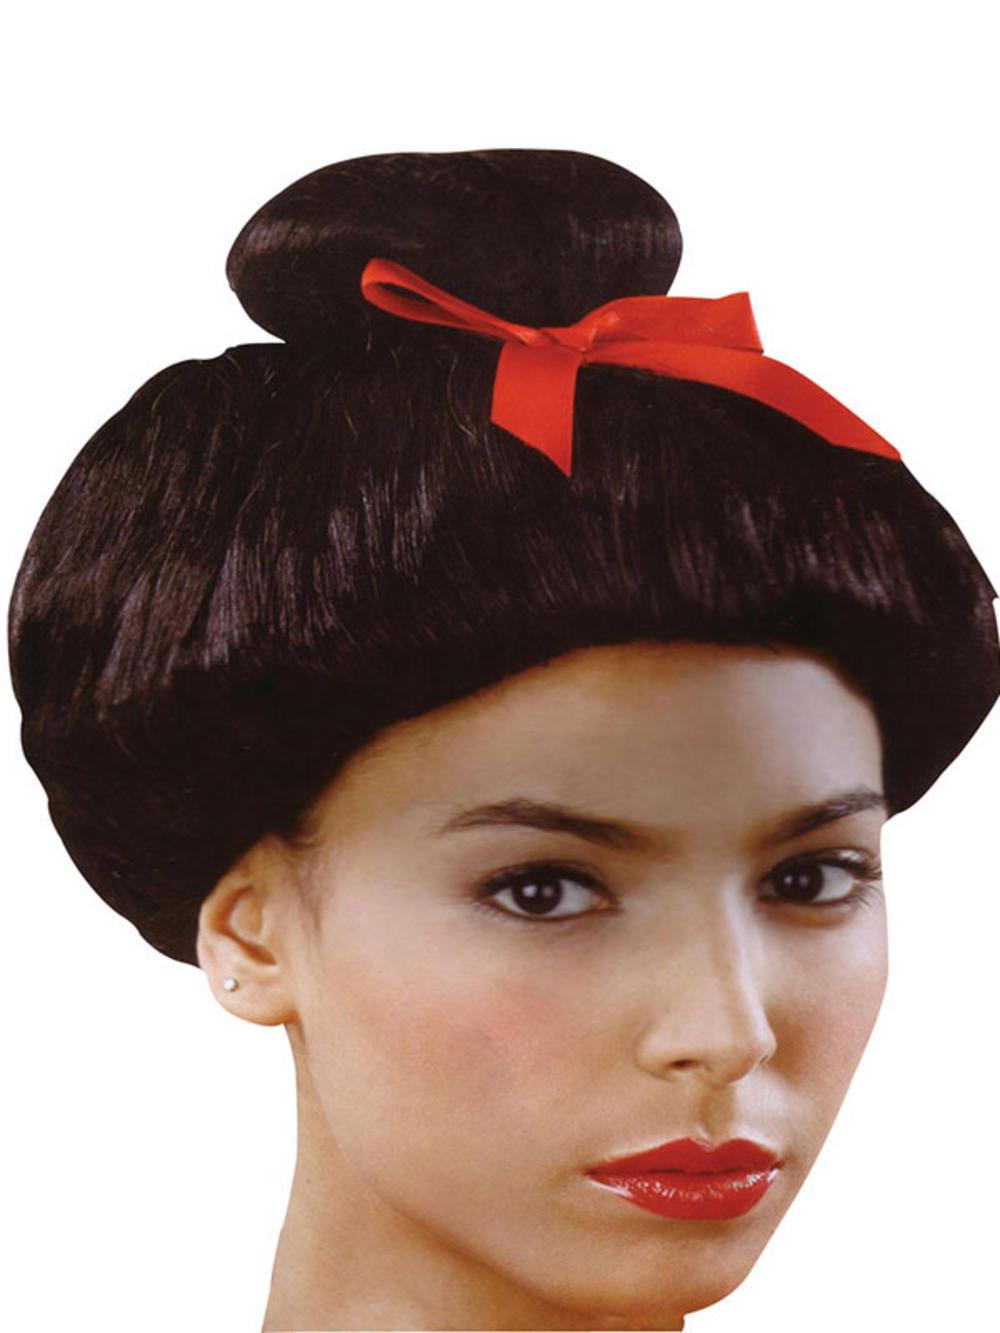 Oriental Girl Black Wig 13